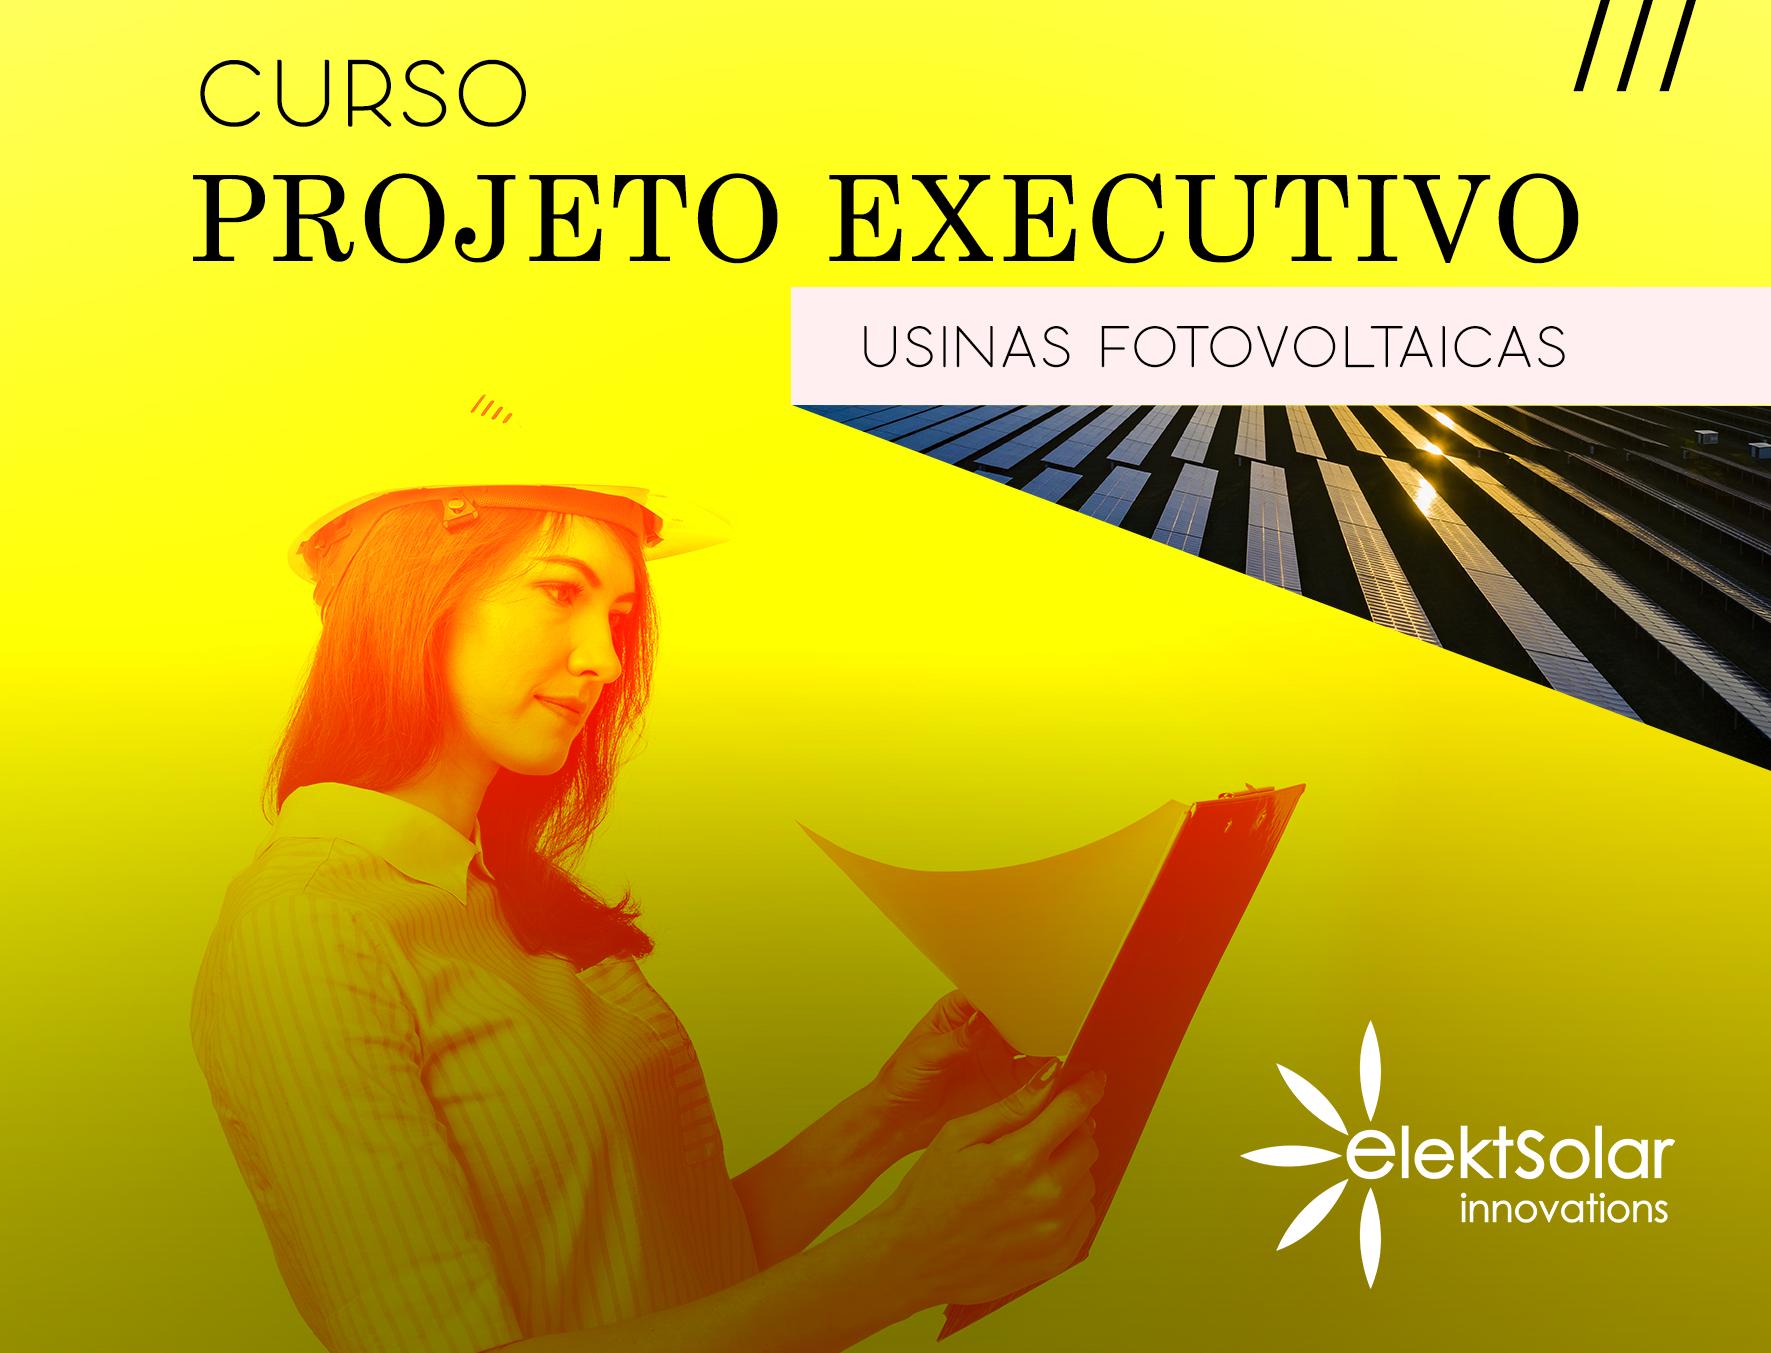 curso executivo